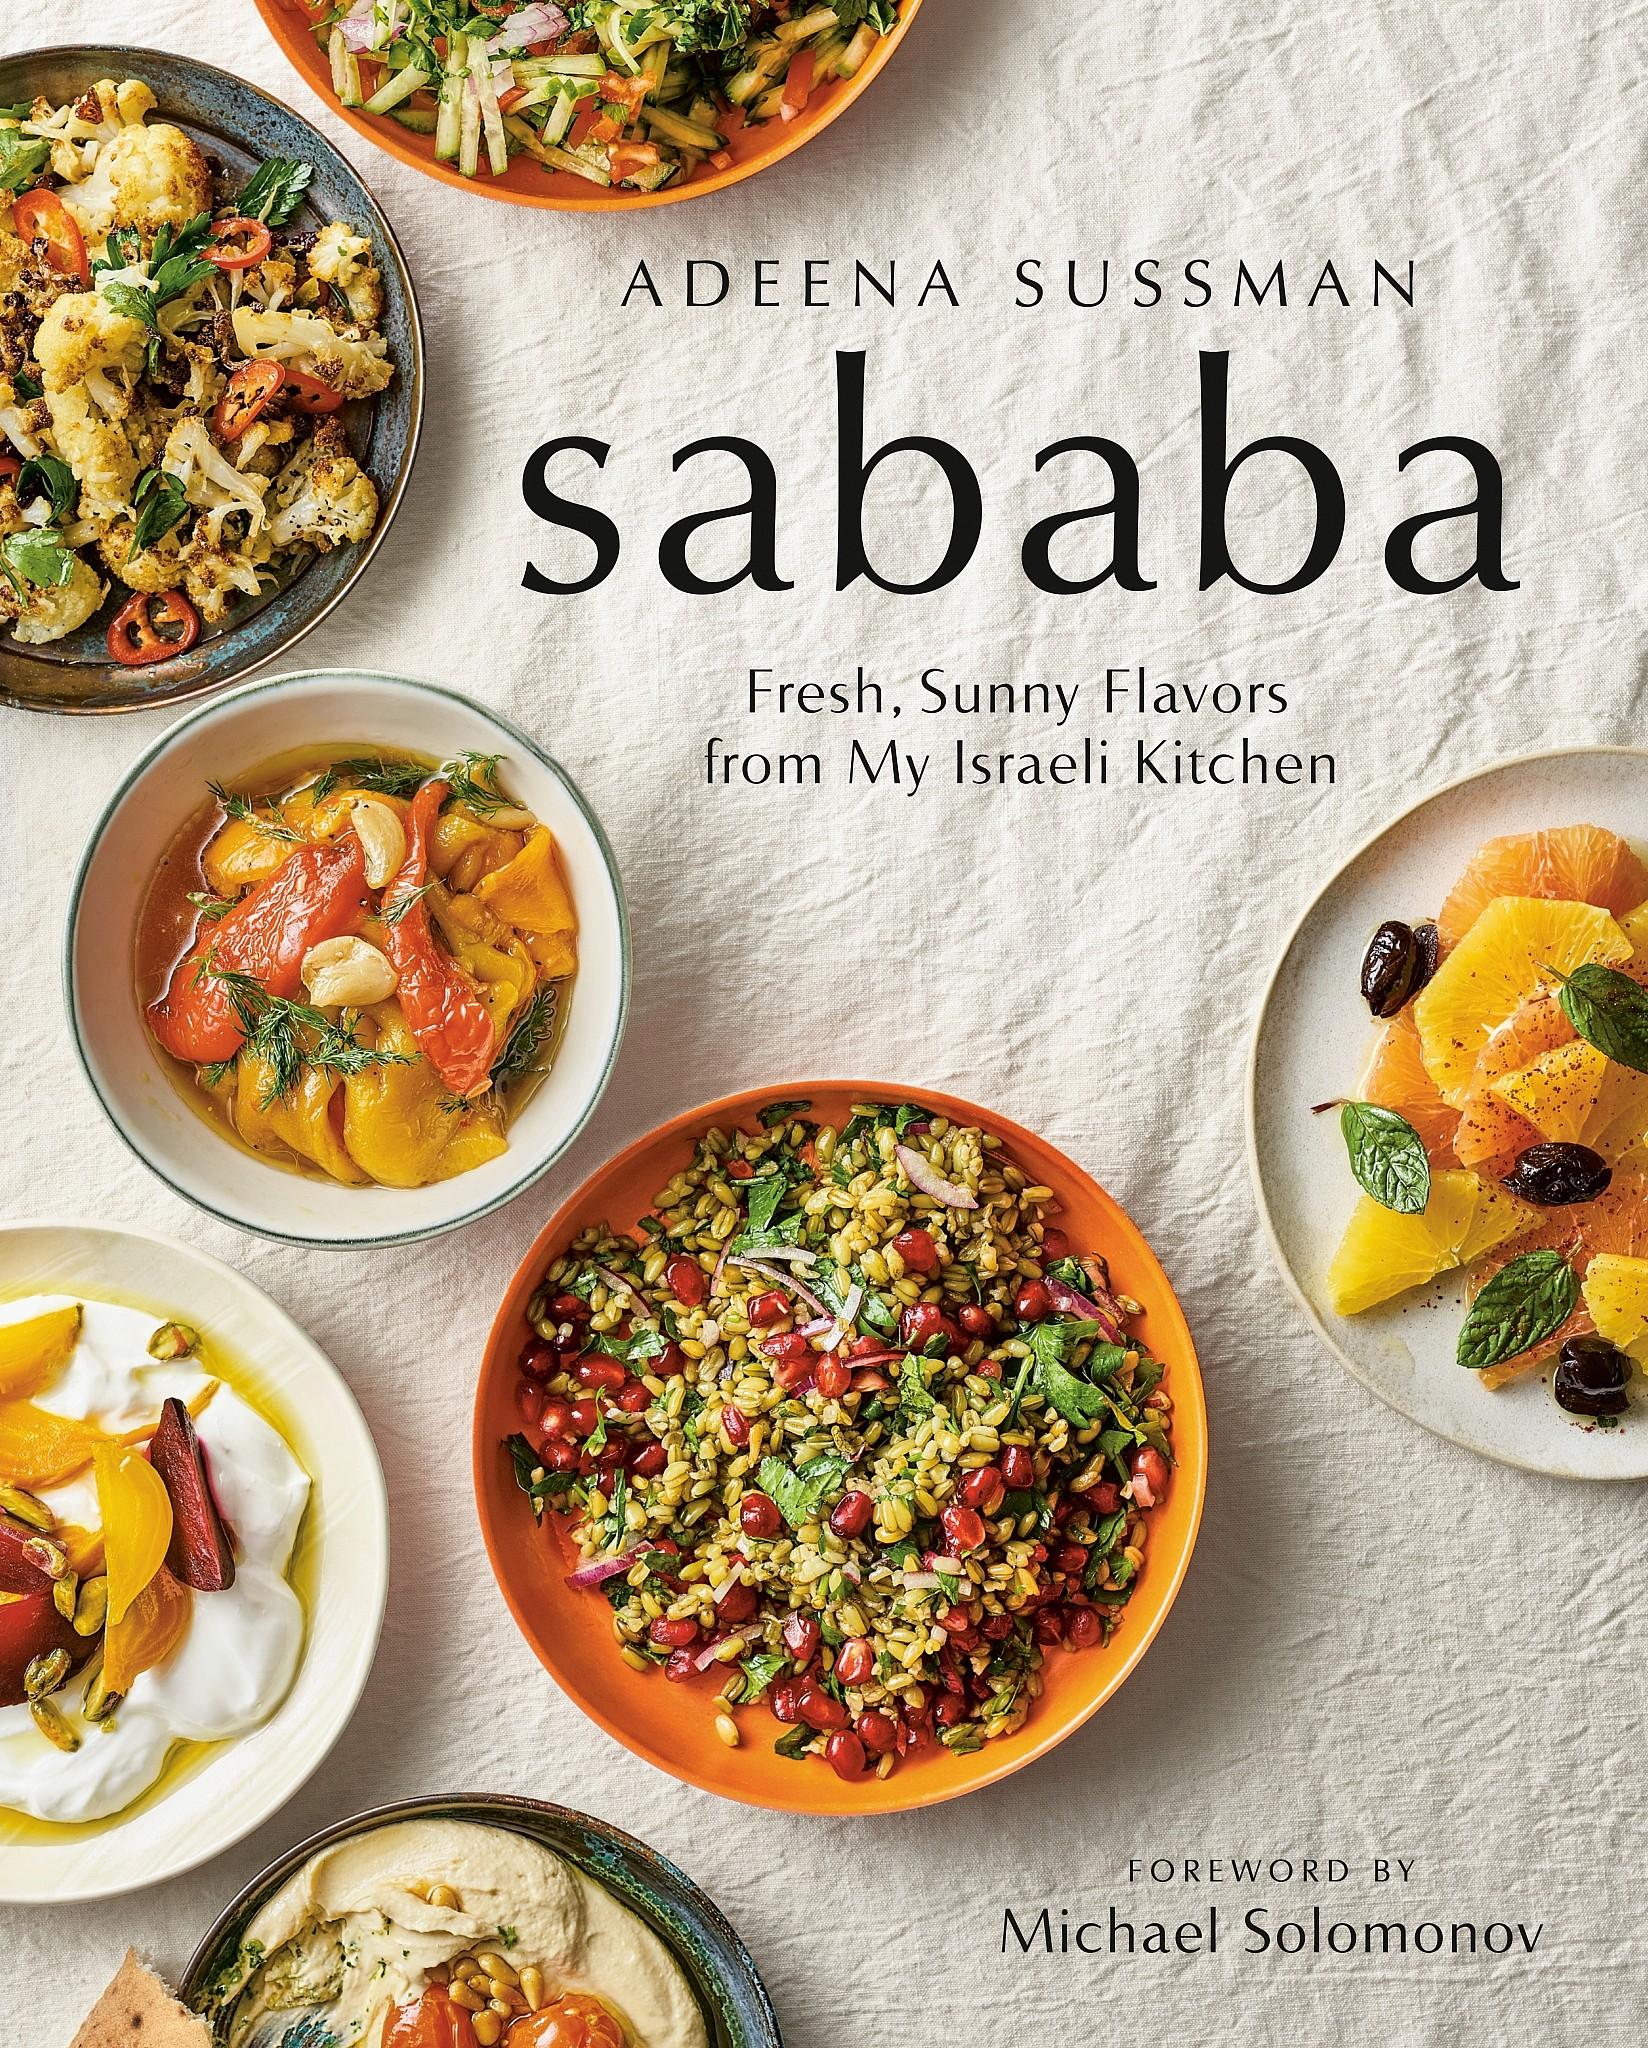 """עטיפת הספר """"Sababa"""" של עדינה זוסמן. צילום: דן פרץ. סטיילינג: נורית קריב"""